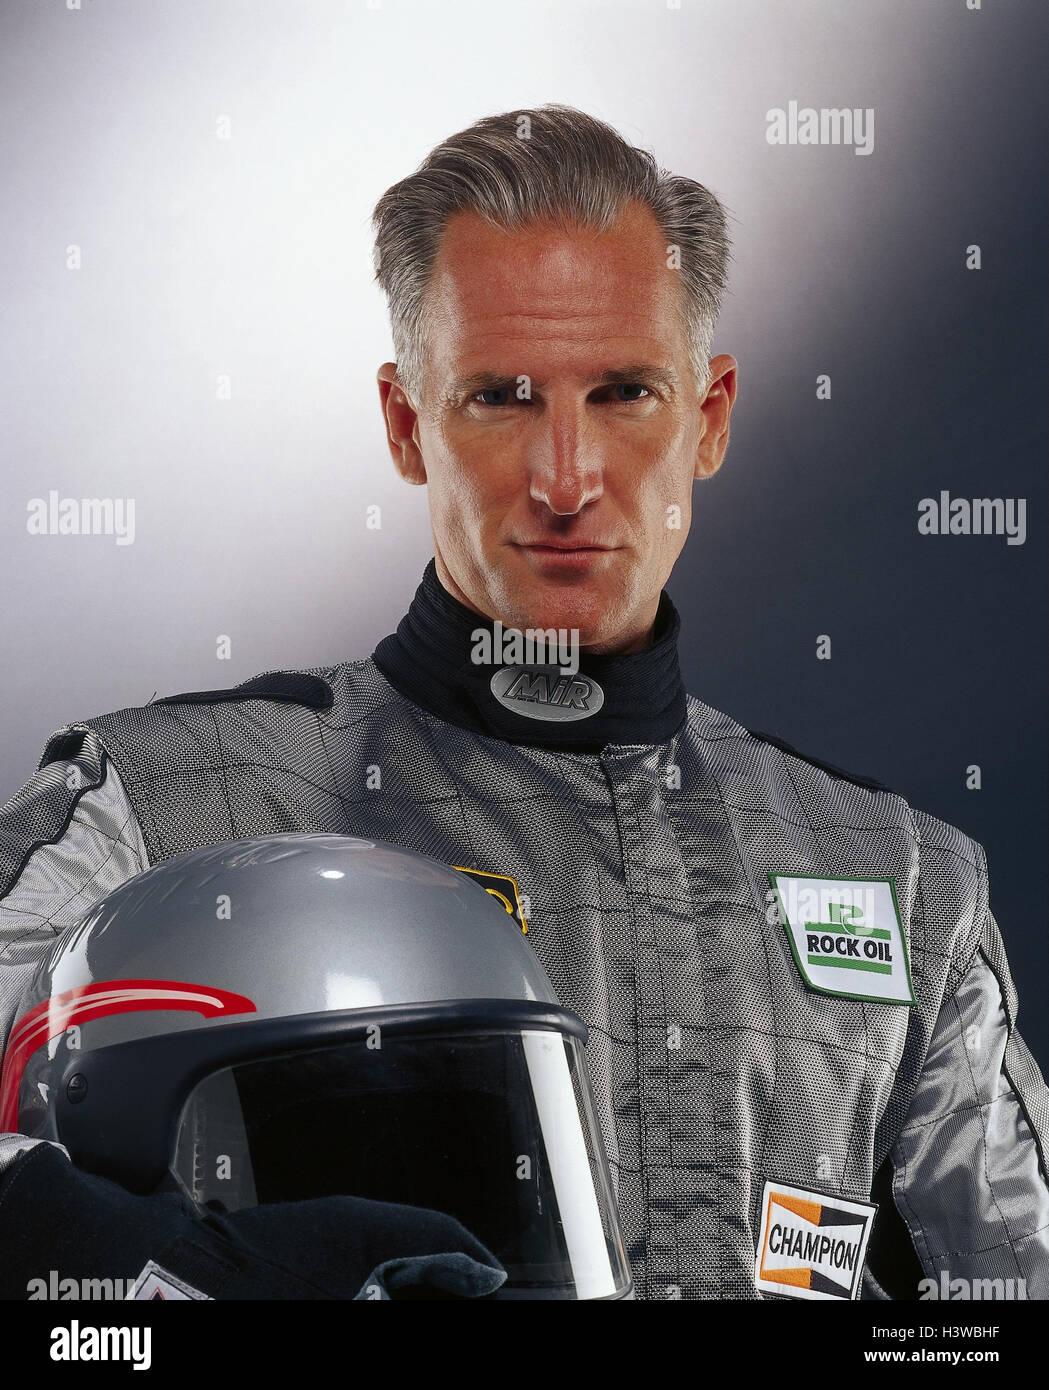 Motor Sport racing driver, complessivamente, casco, argento, ritratto, sport, sport racing, uomo, peli, grigio racing Immagini Stock